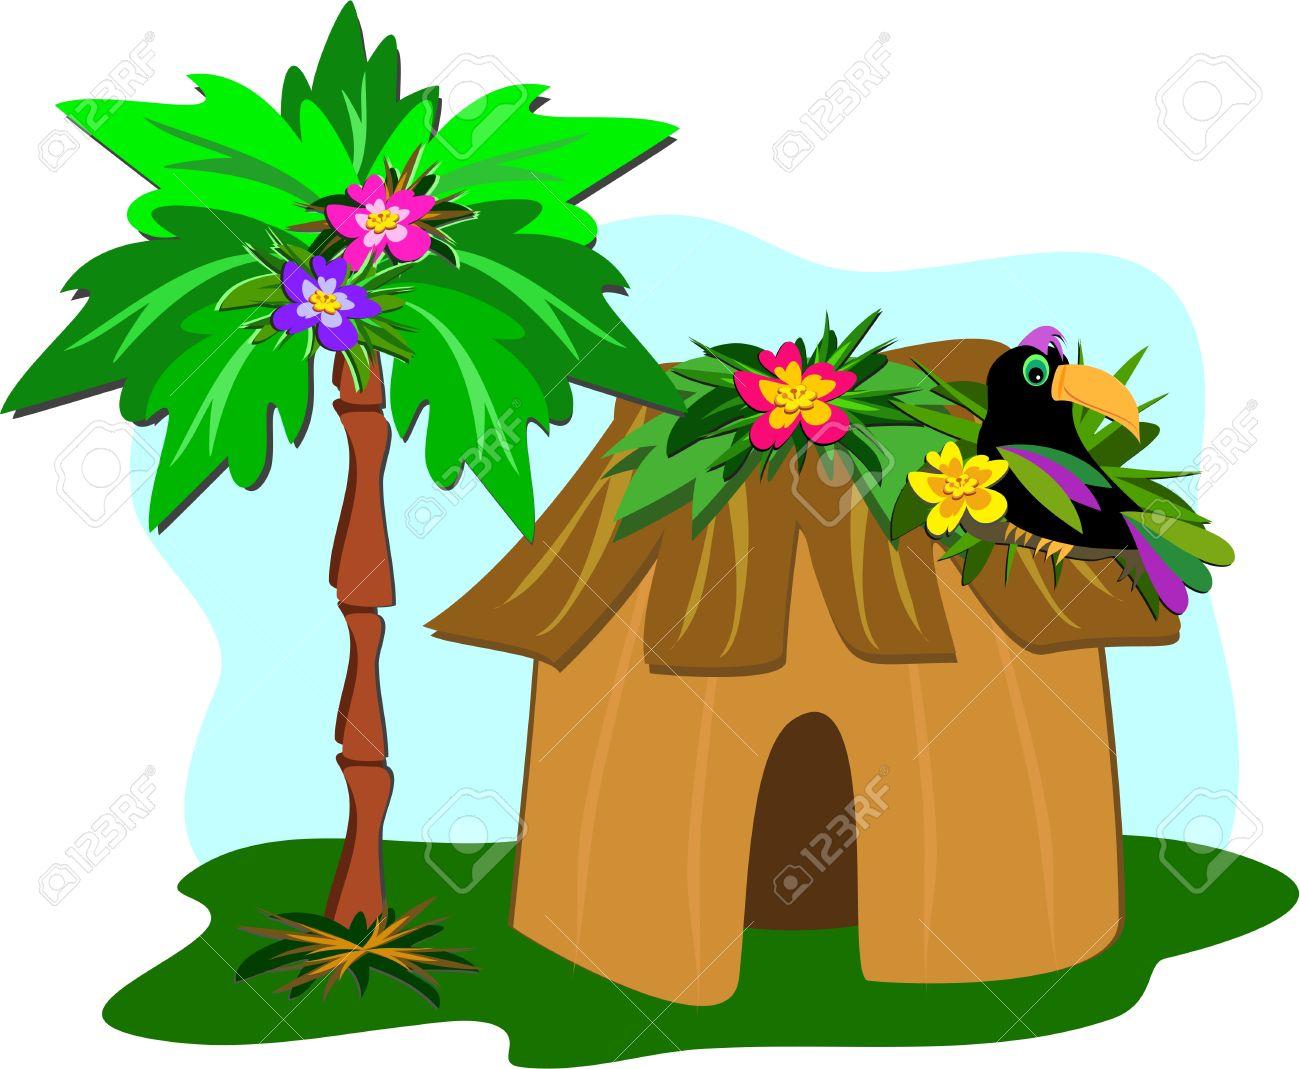 Shack clipart grass hut Clipart Grass Hut Hut Download